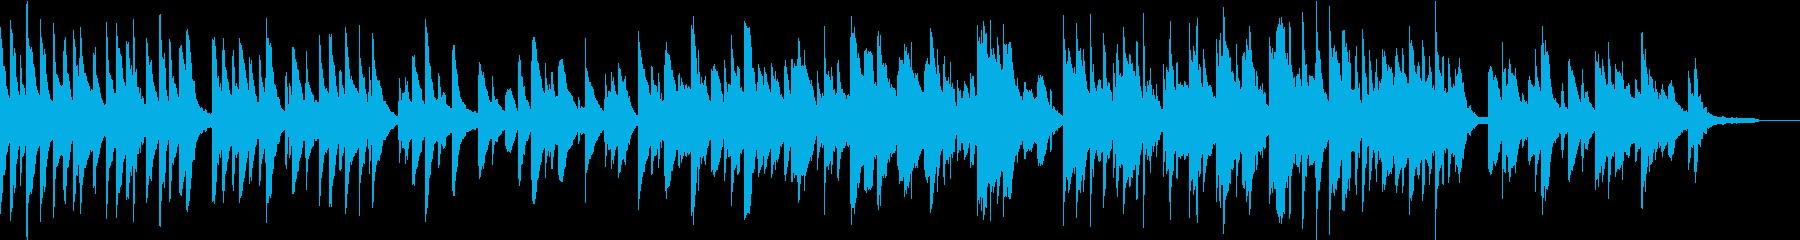 ピアノソロ アンビエント 深呼吸の再生済みの波形